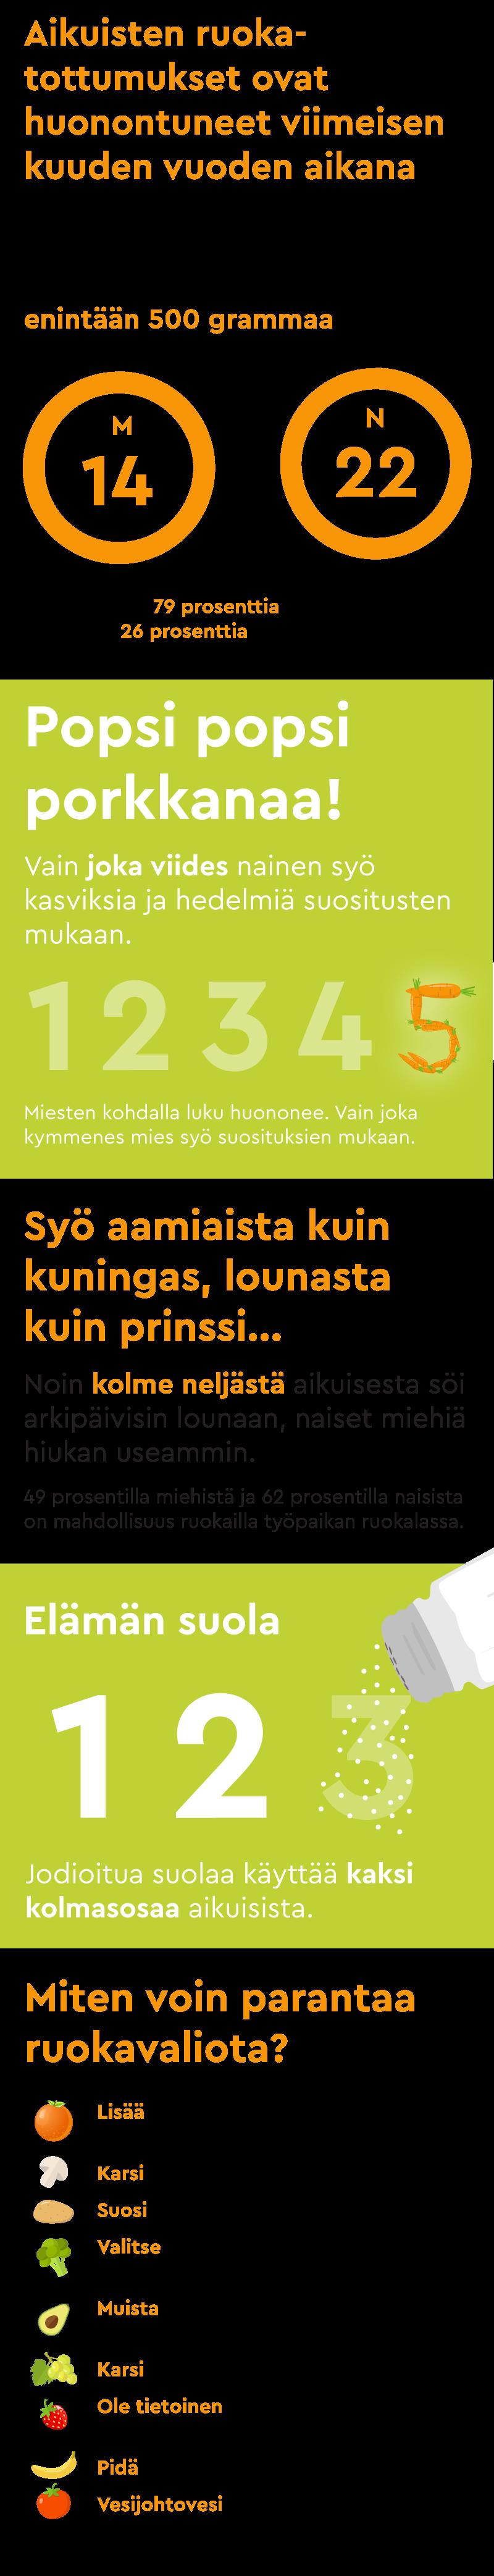 suomalaisten ruokatottumukset